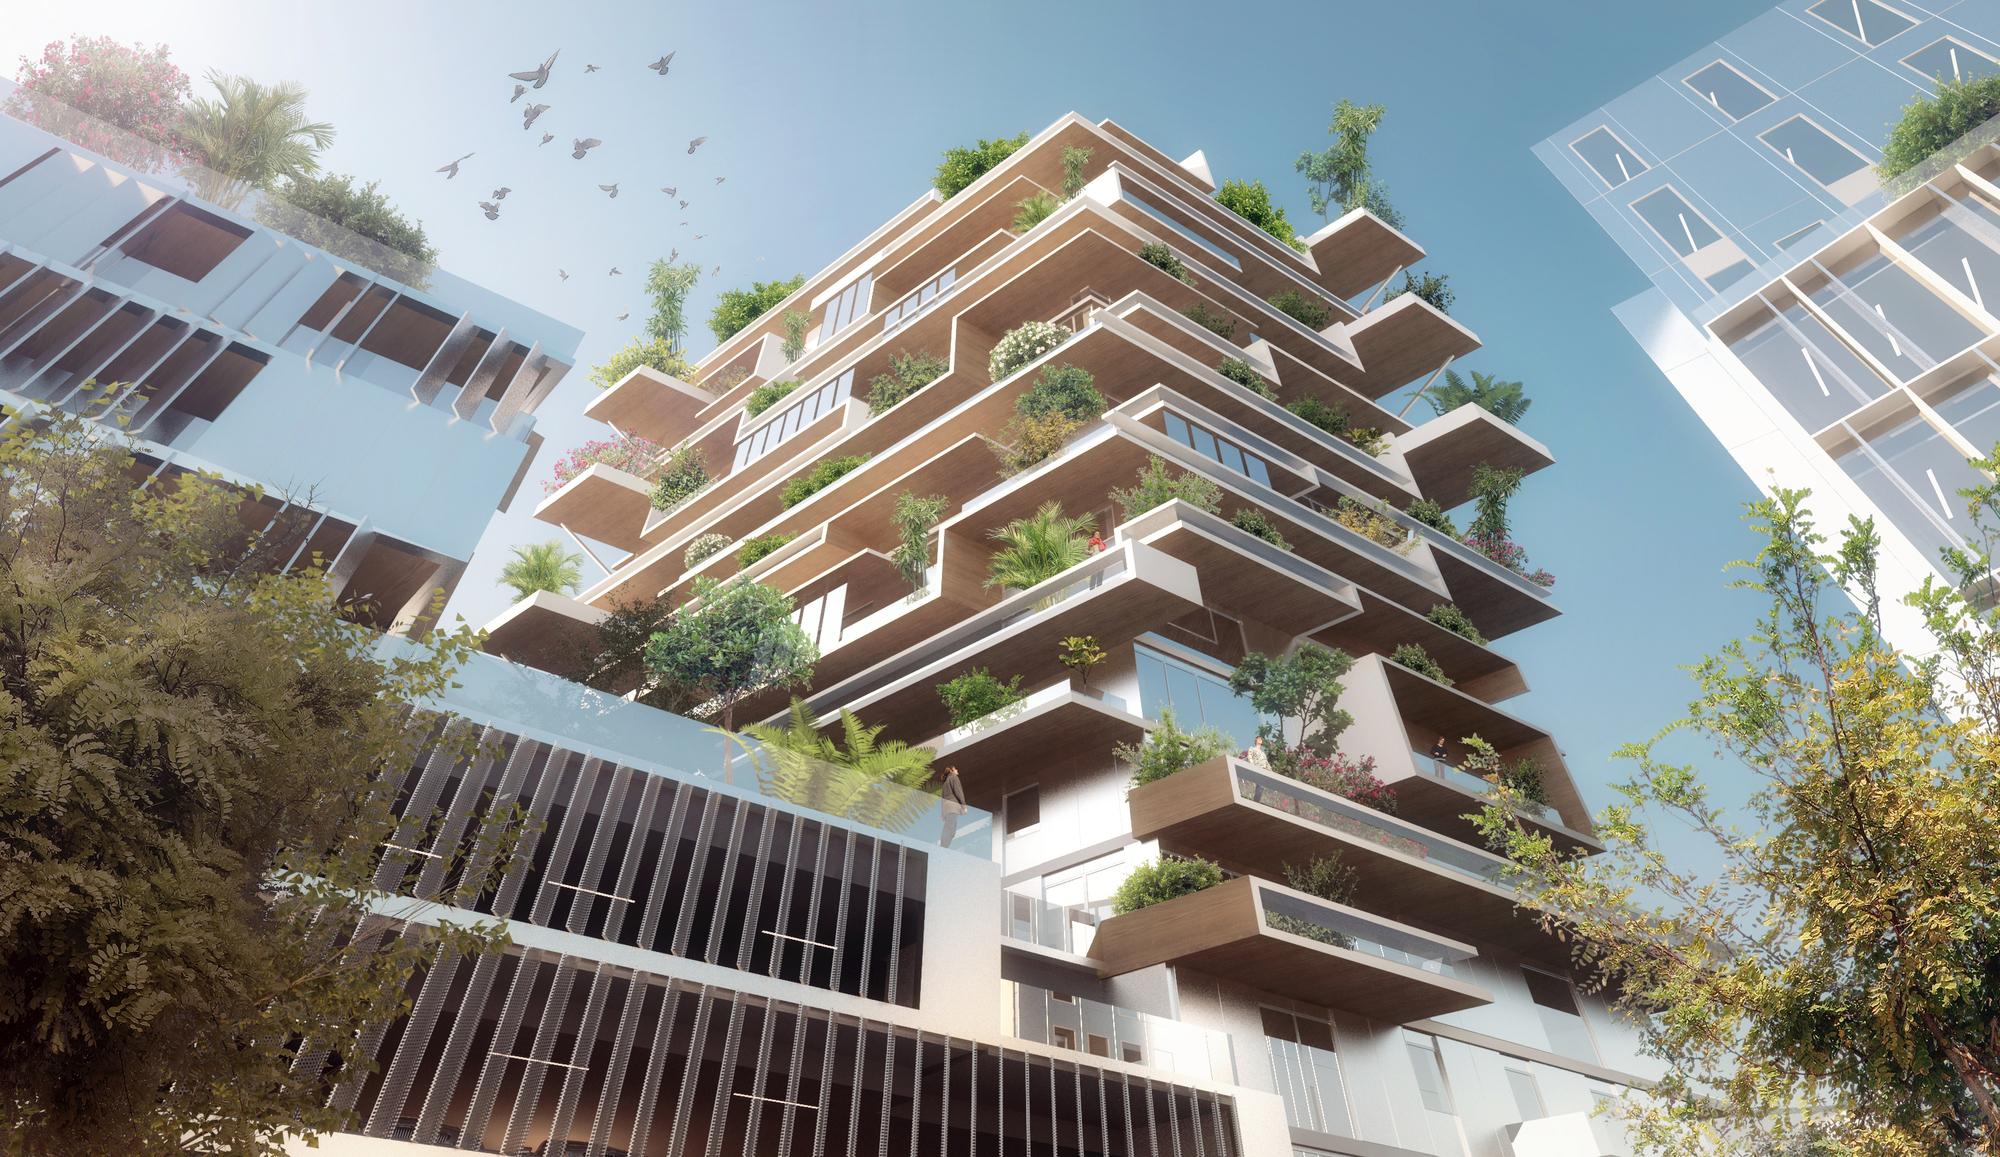 Jean Paul Viguier's Hyperion building in Bordeaux, France